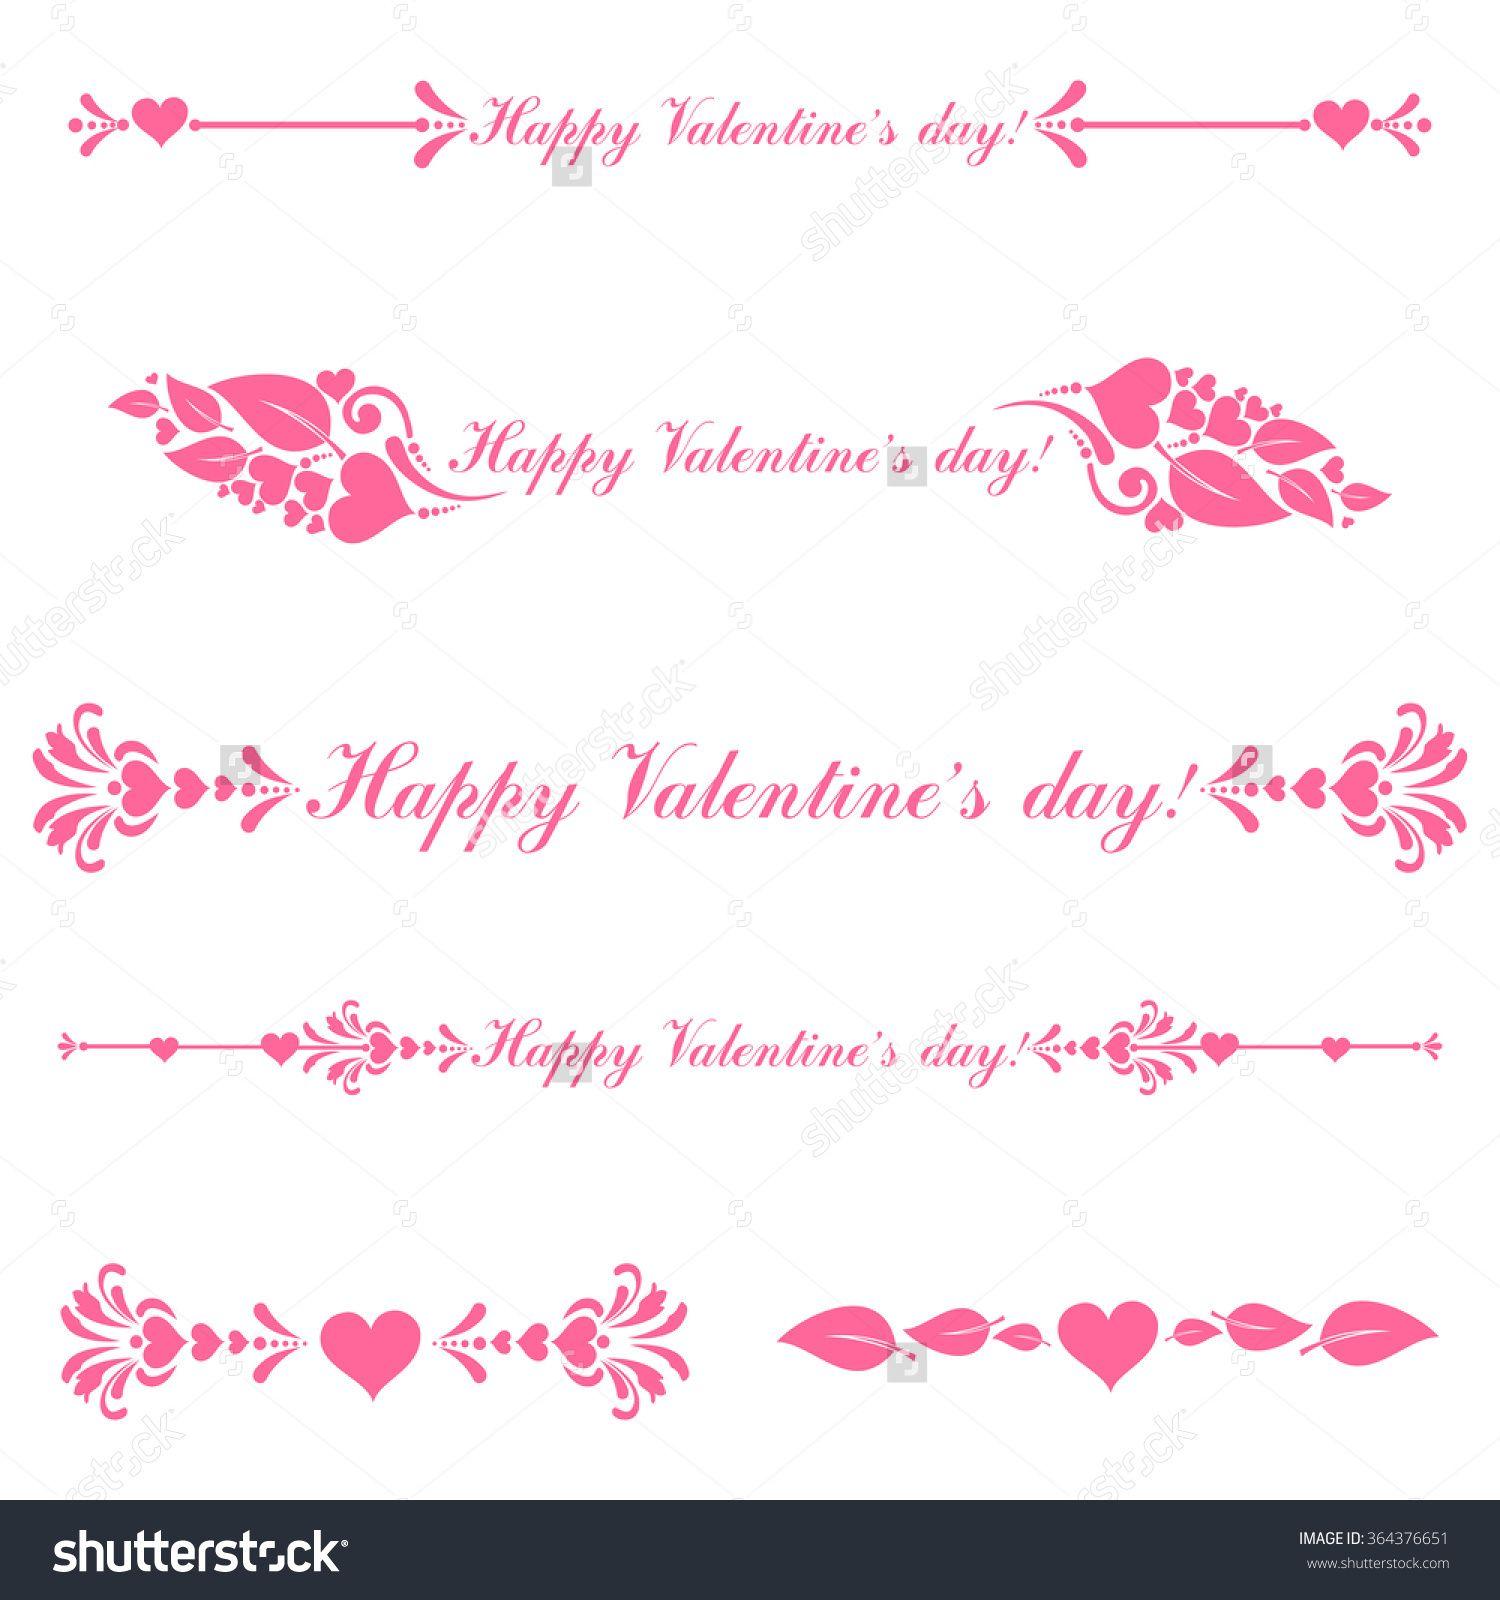 Summer beach scene vector stock vector colourbox - Vector Decorative Design Elements And Page Decor Happy Valentine Day Decor